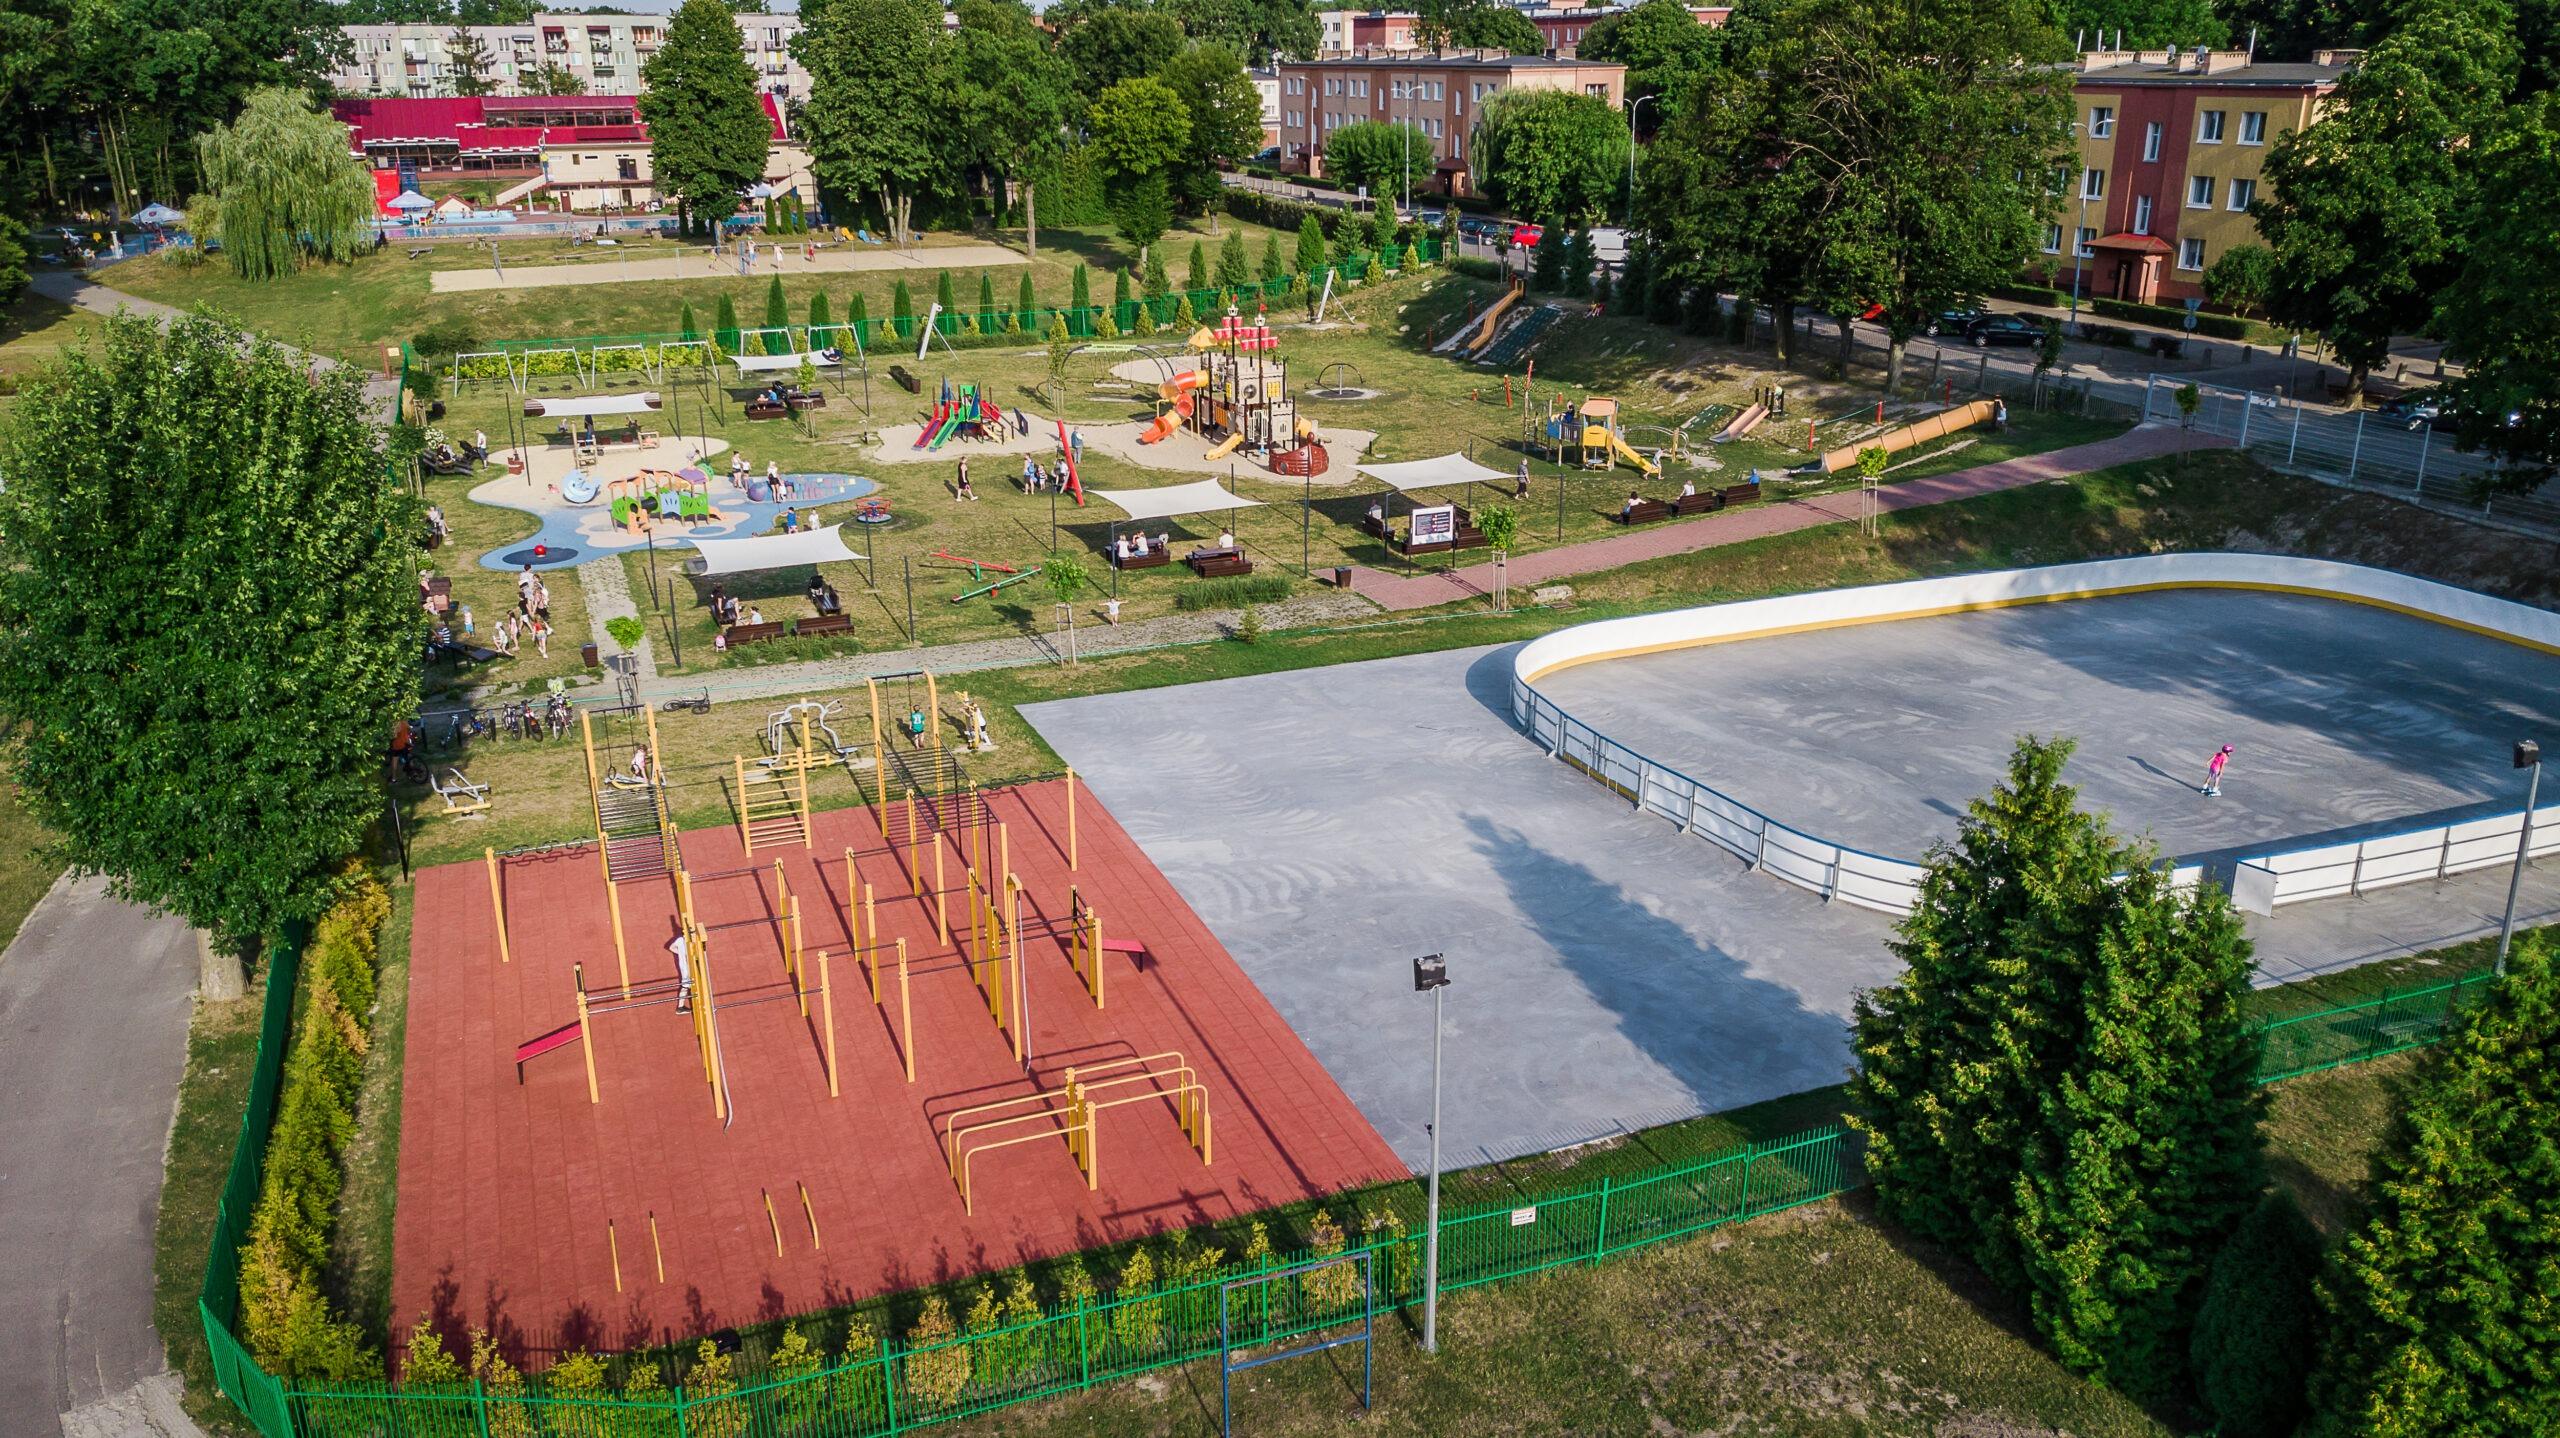 Zdjęcie przedstawia widok z drona na plac zabaw, siłownię na świeżym powietrzu oraz lodowisko przy Miejskim Ośrodku Sportu i Rekreacji